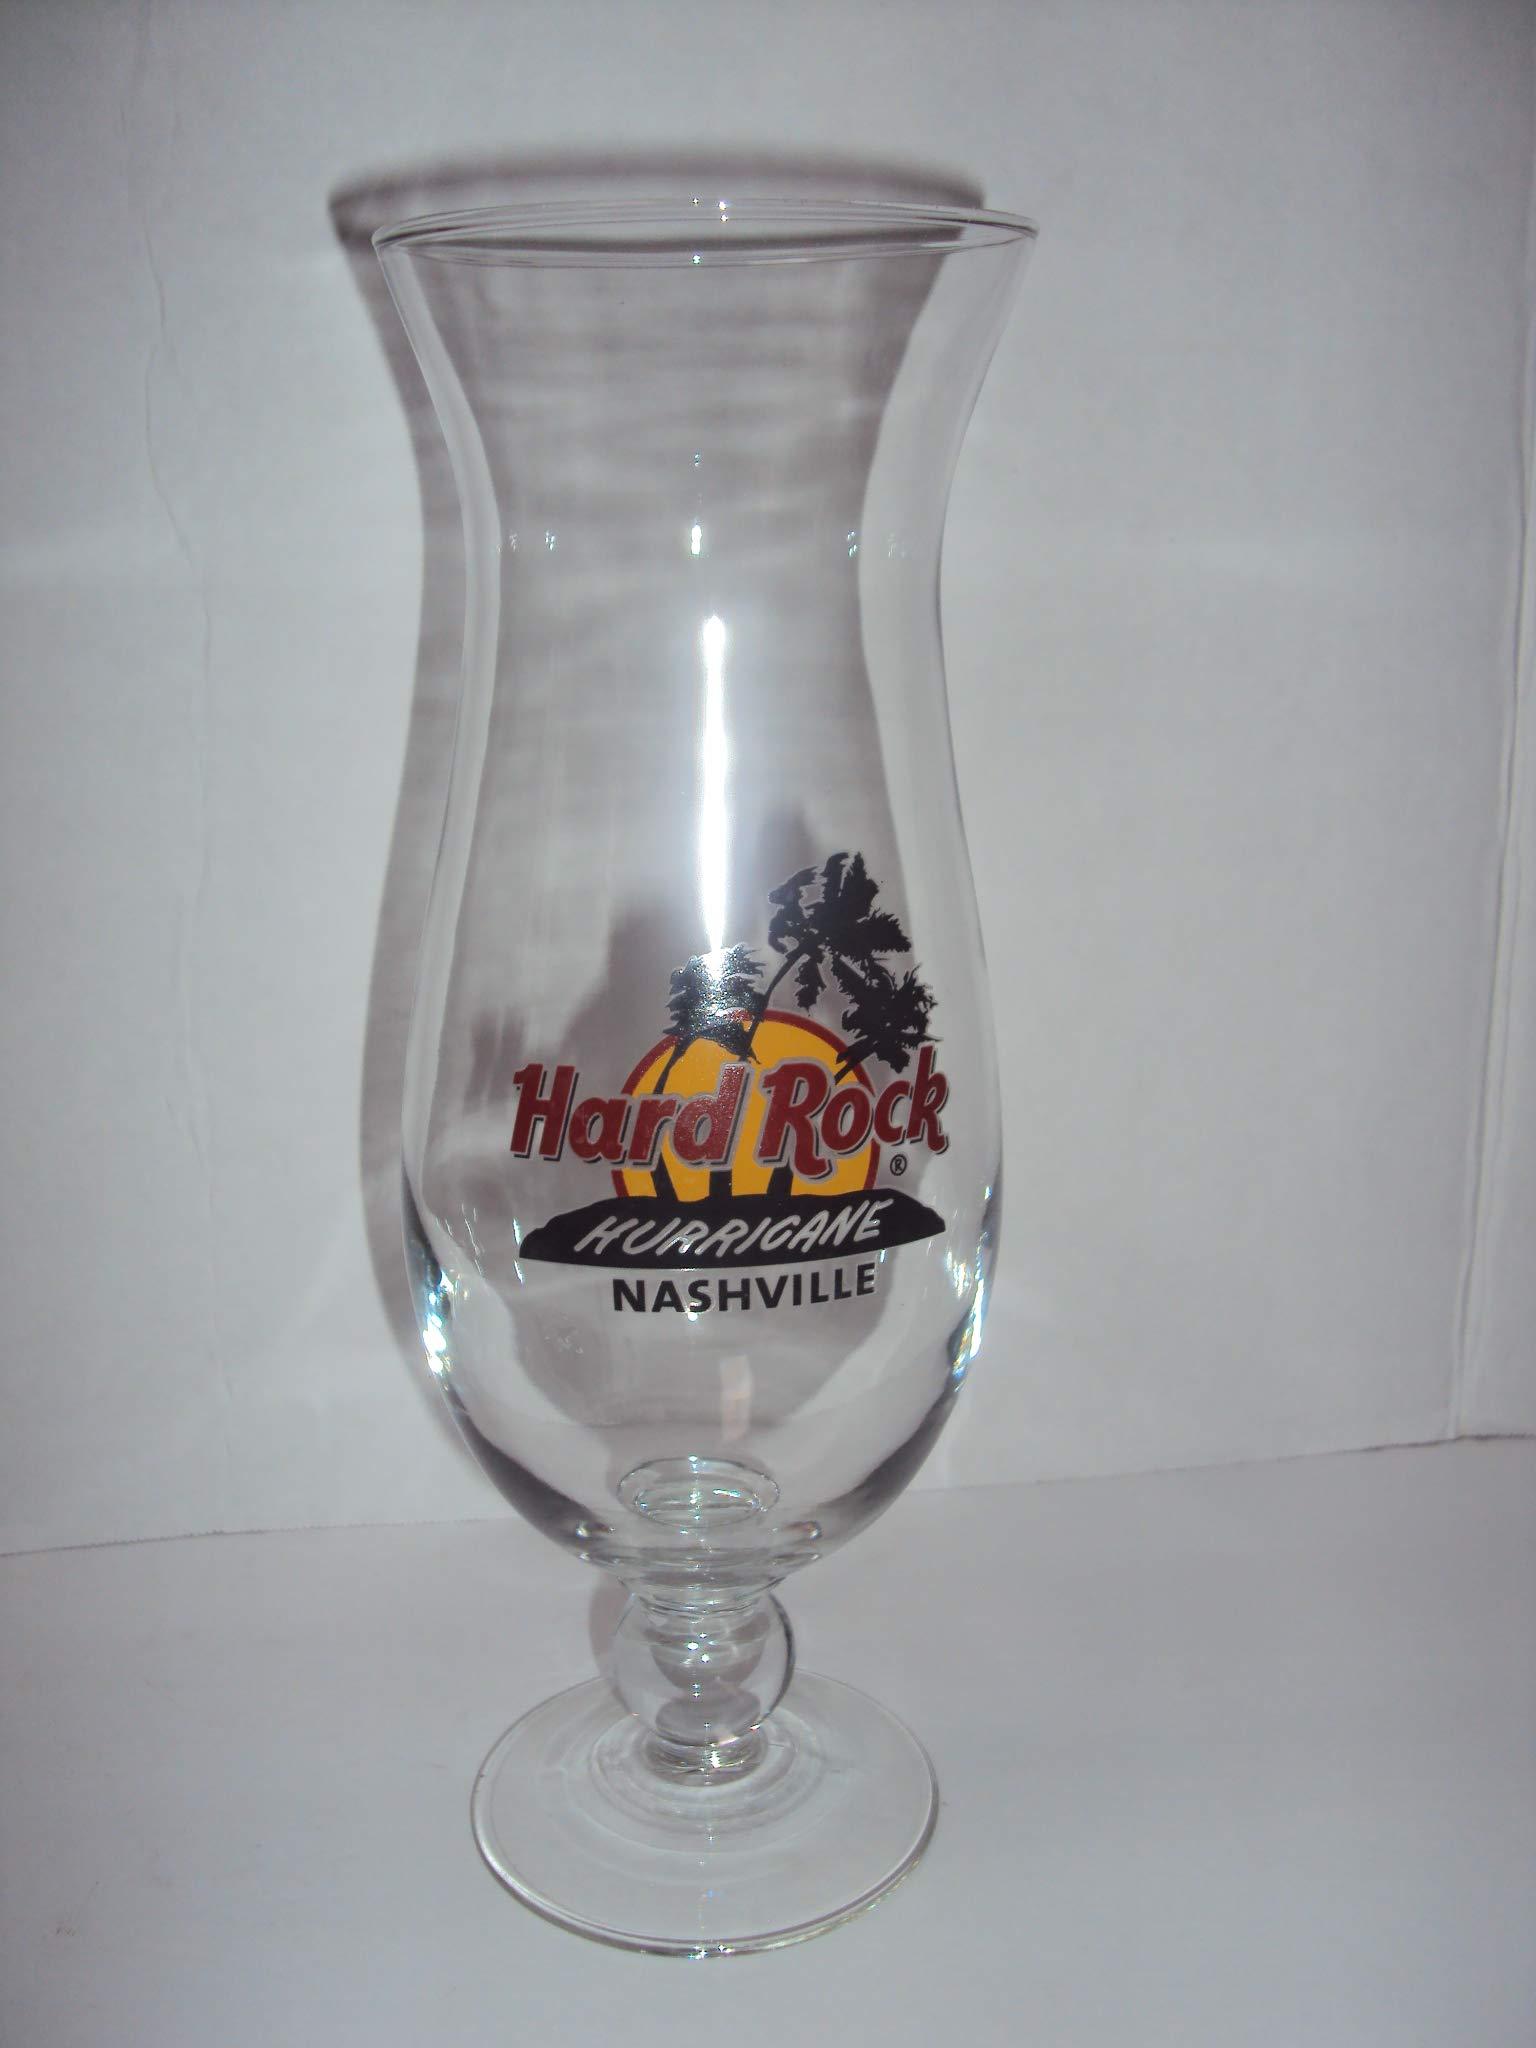 Hard Rock Cafe Nashville Hurricane Glass, Hard Rock Cafe Hurricane Glass